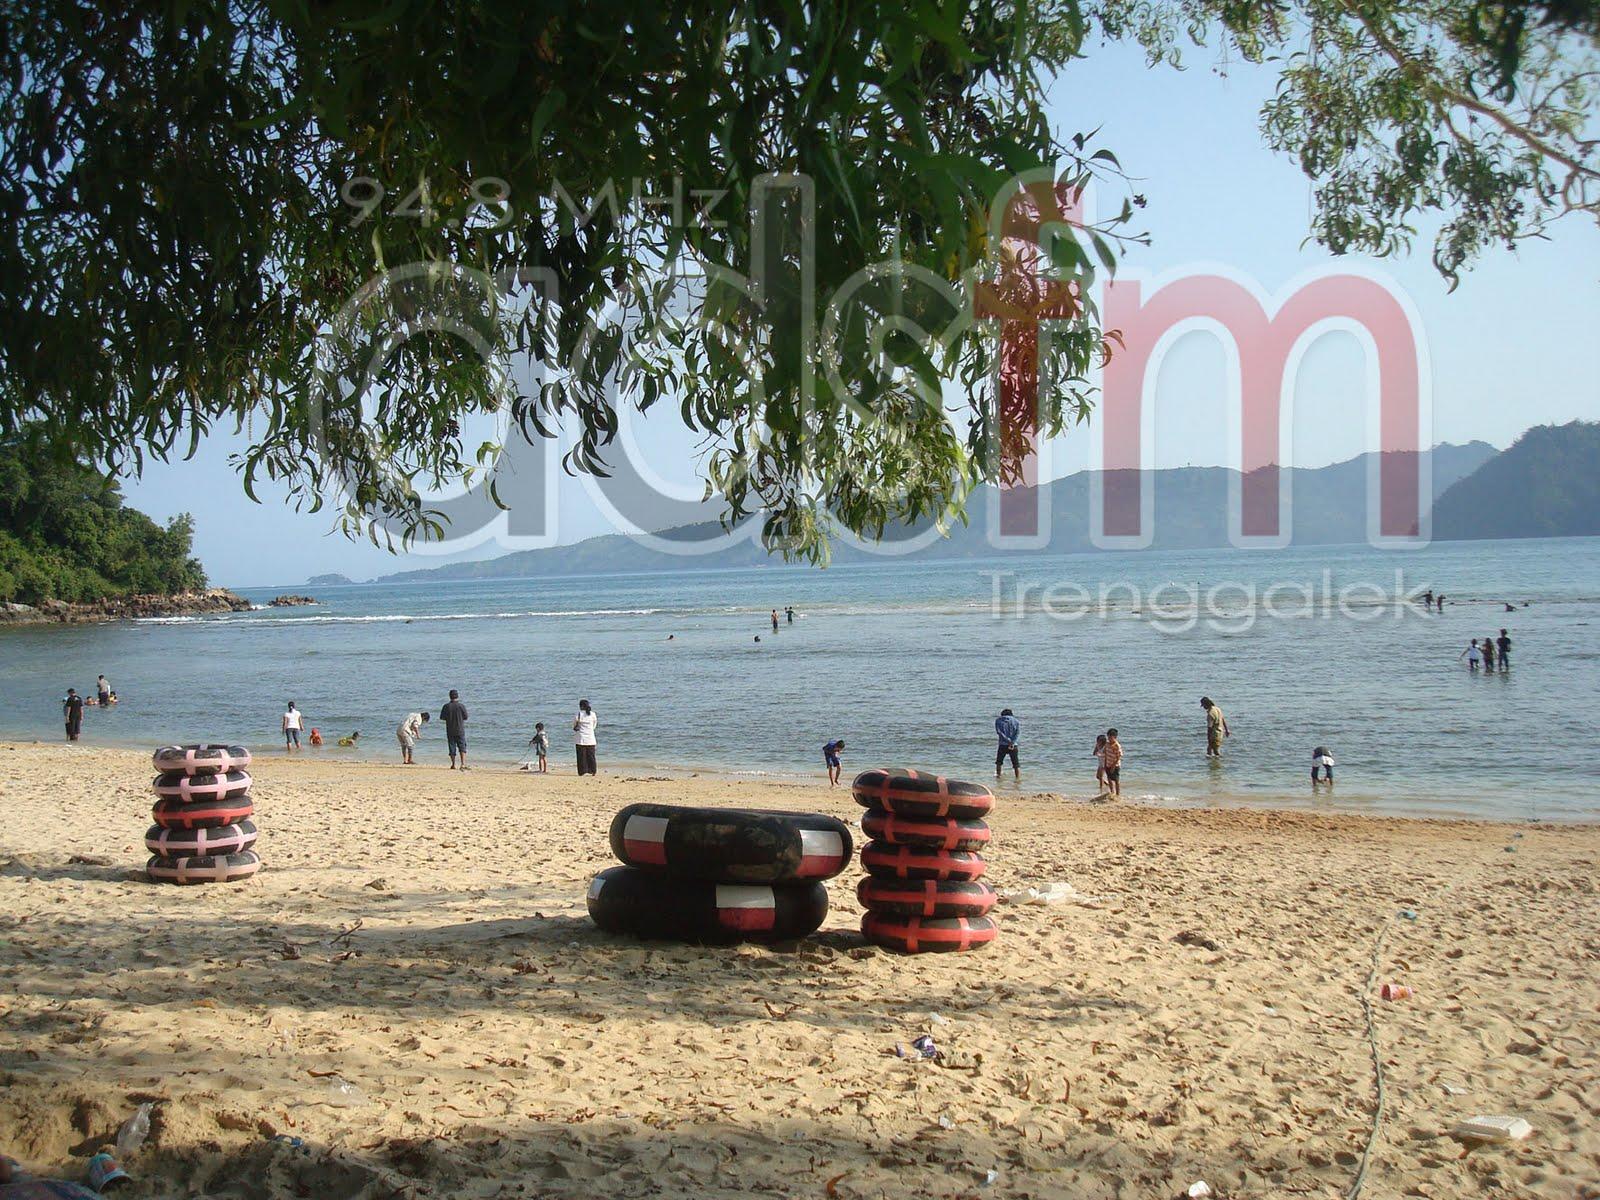 Manajemen Administrasi Perkantoran Pantai Prigi Kabupaten Hampir Jam Tiga Sore